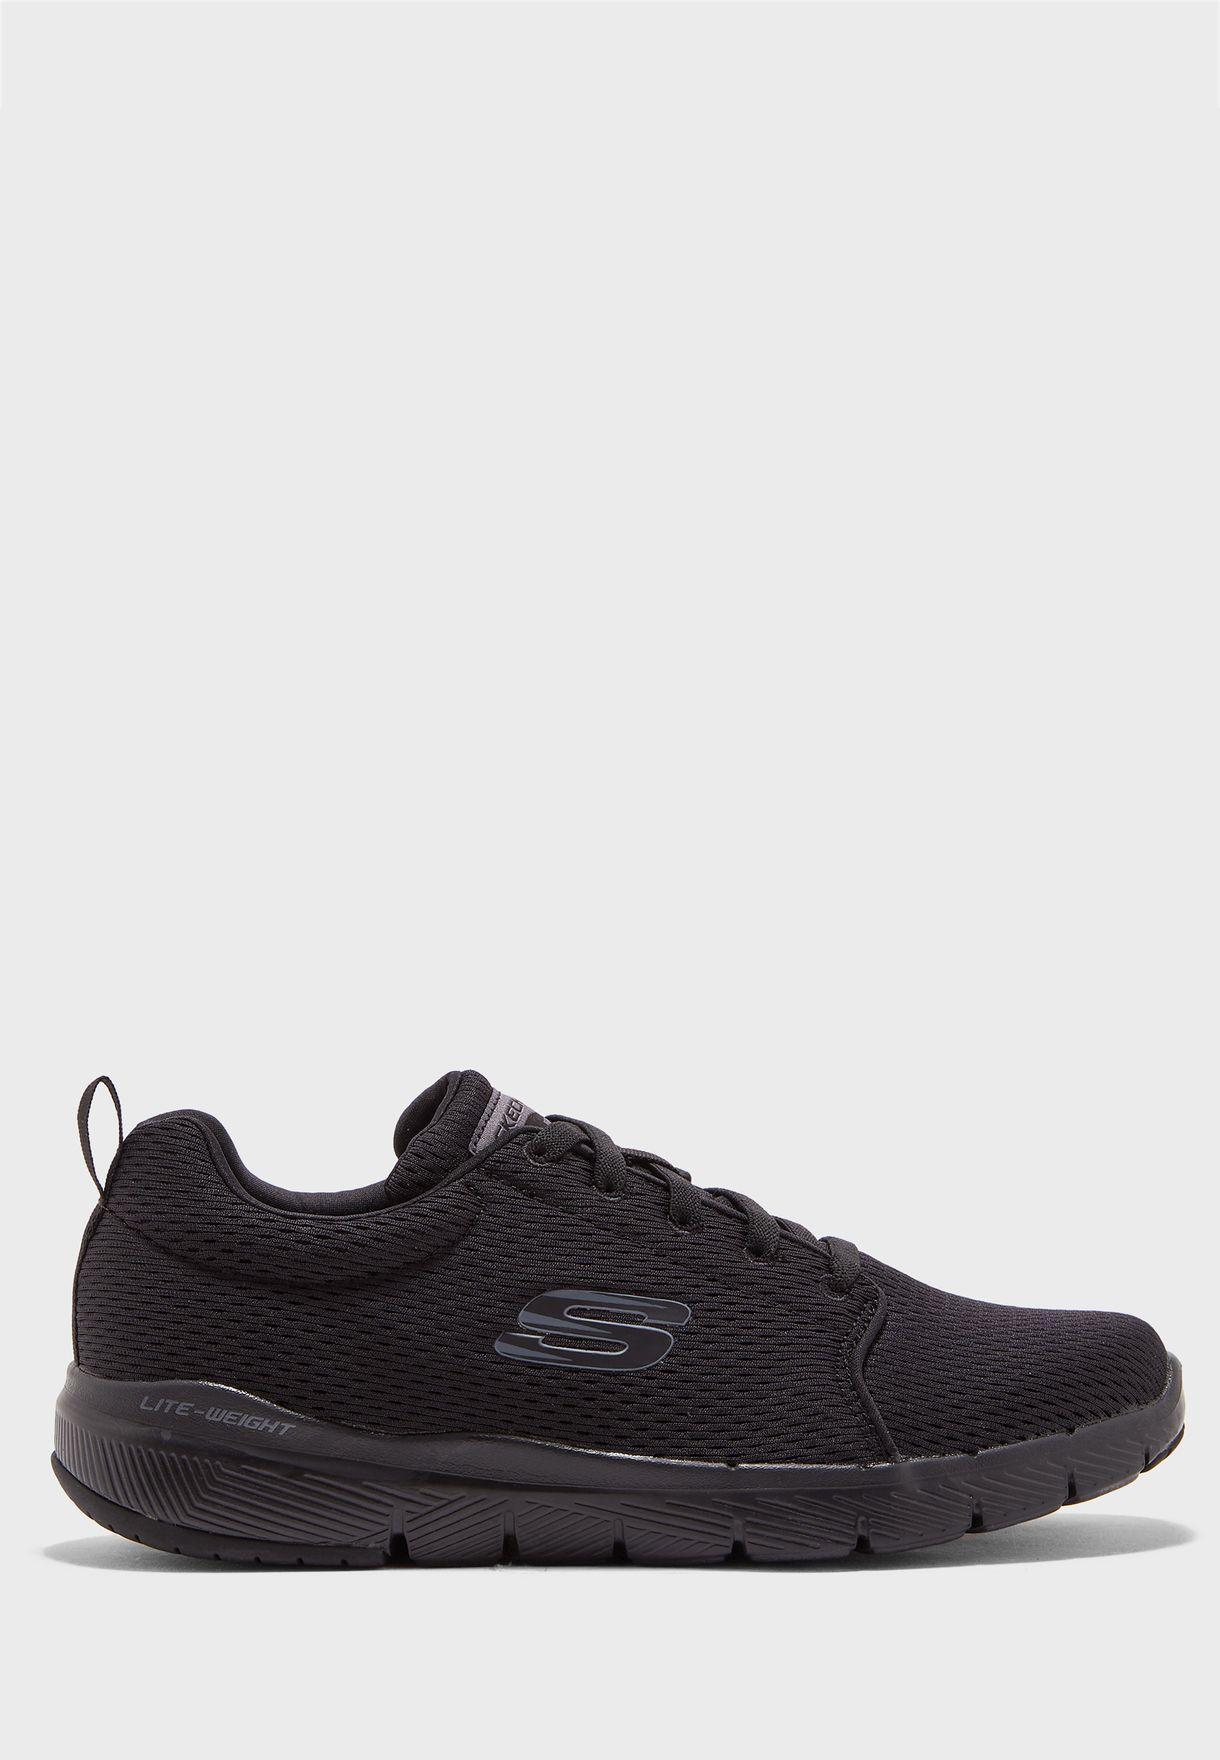 حذاء فليكس ادفانتدج 3.0